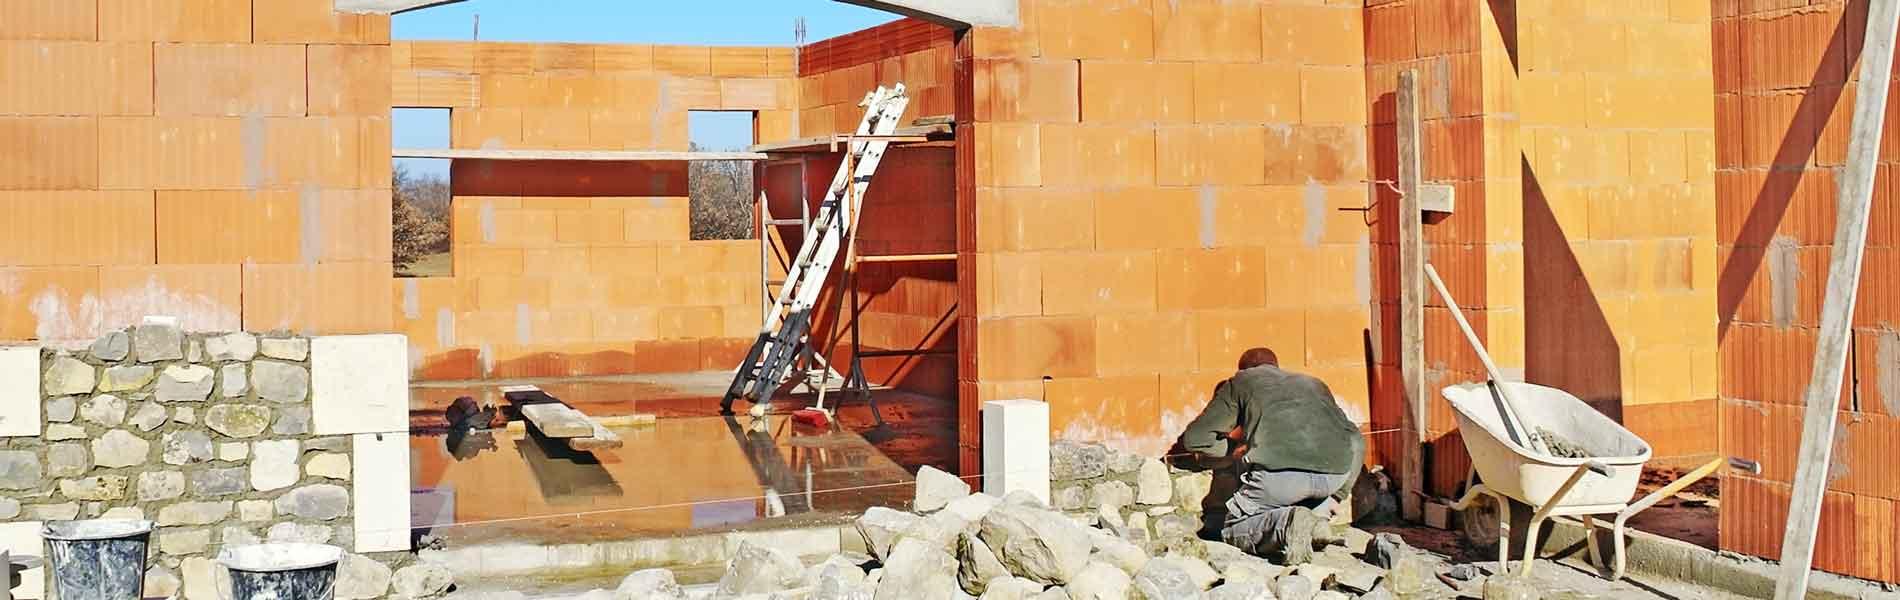 Chantier d'une entreprise de construction